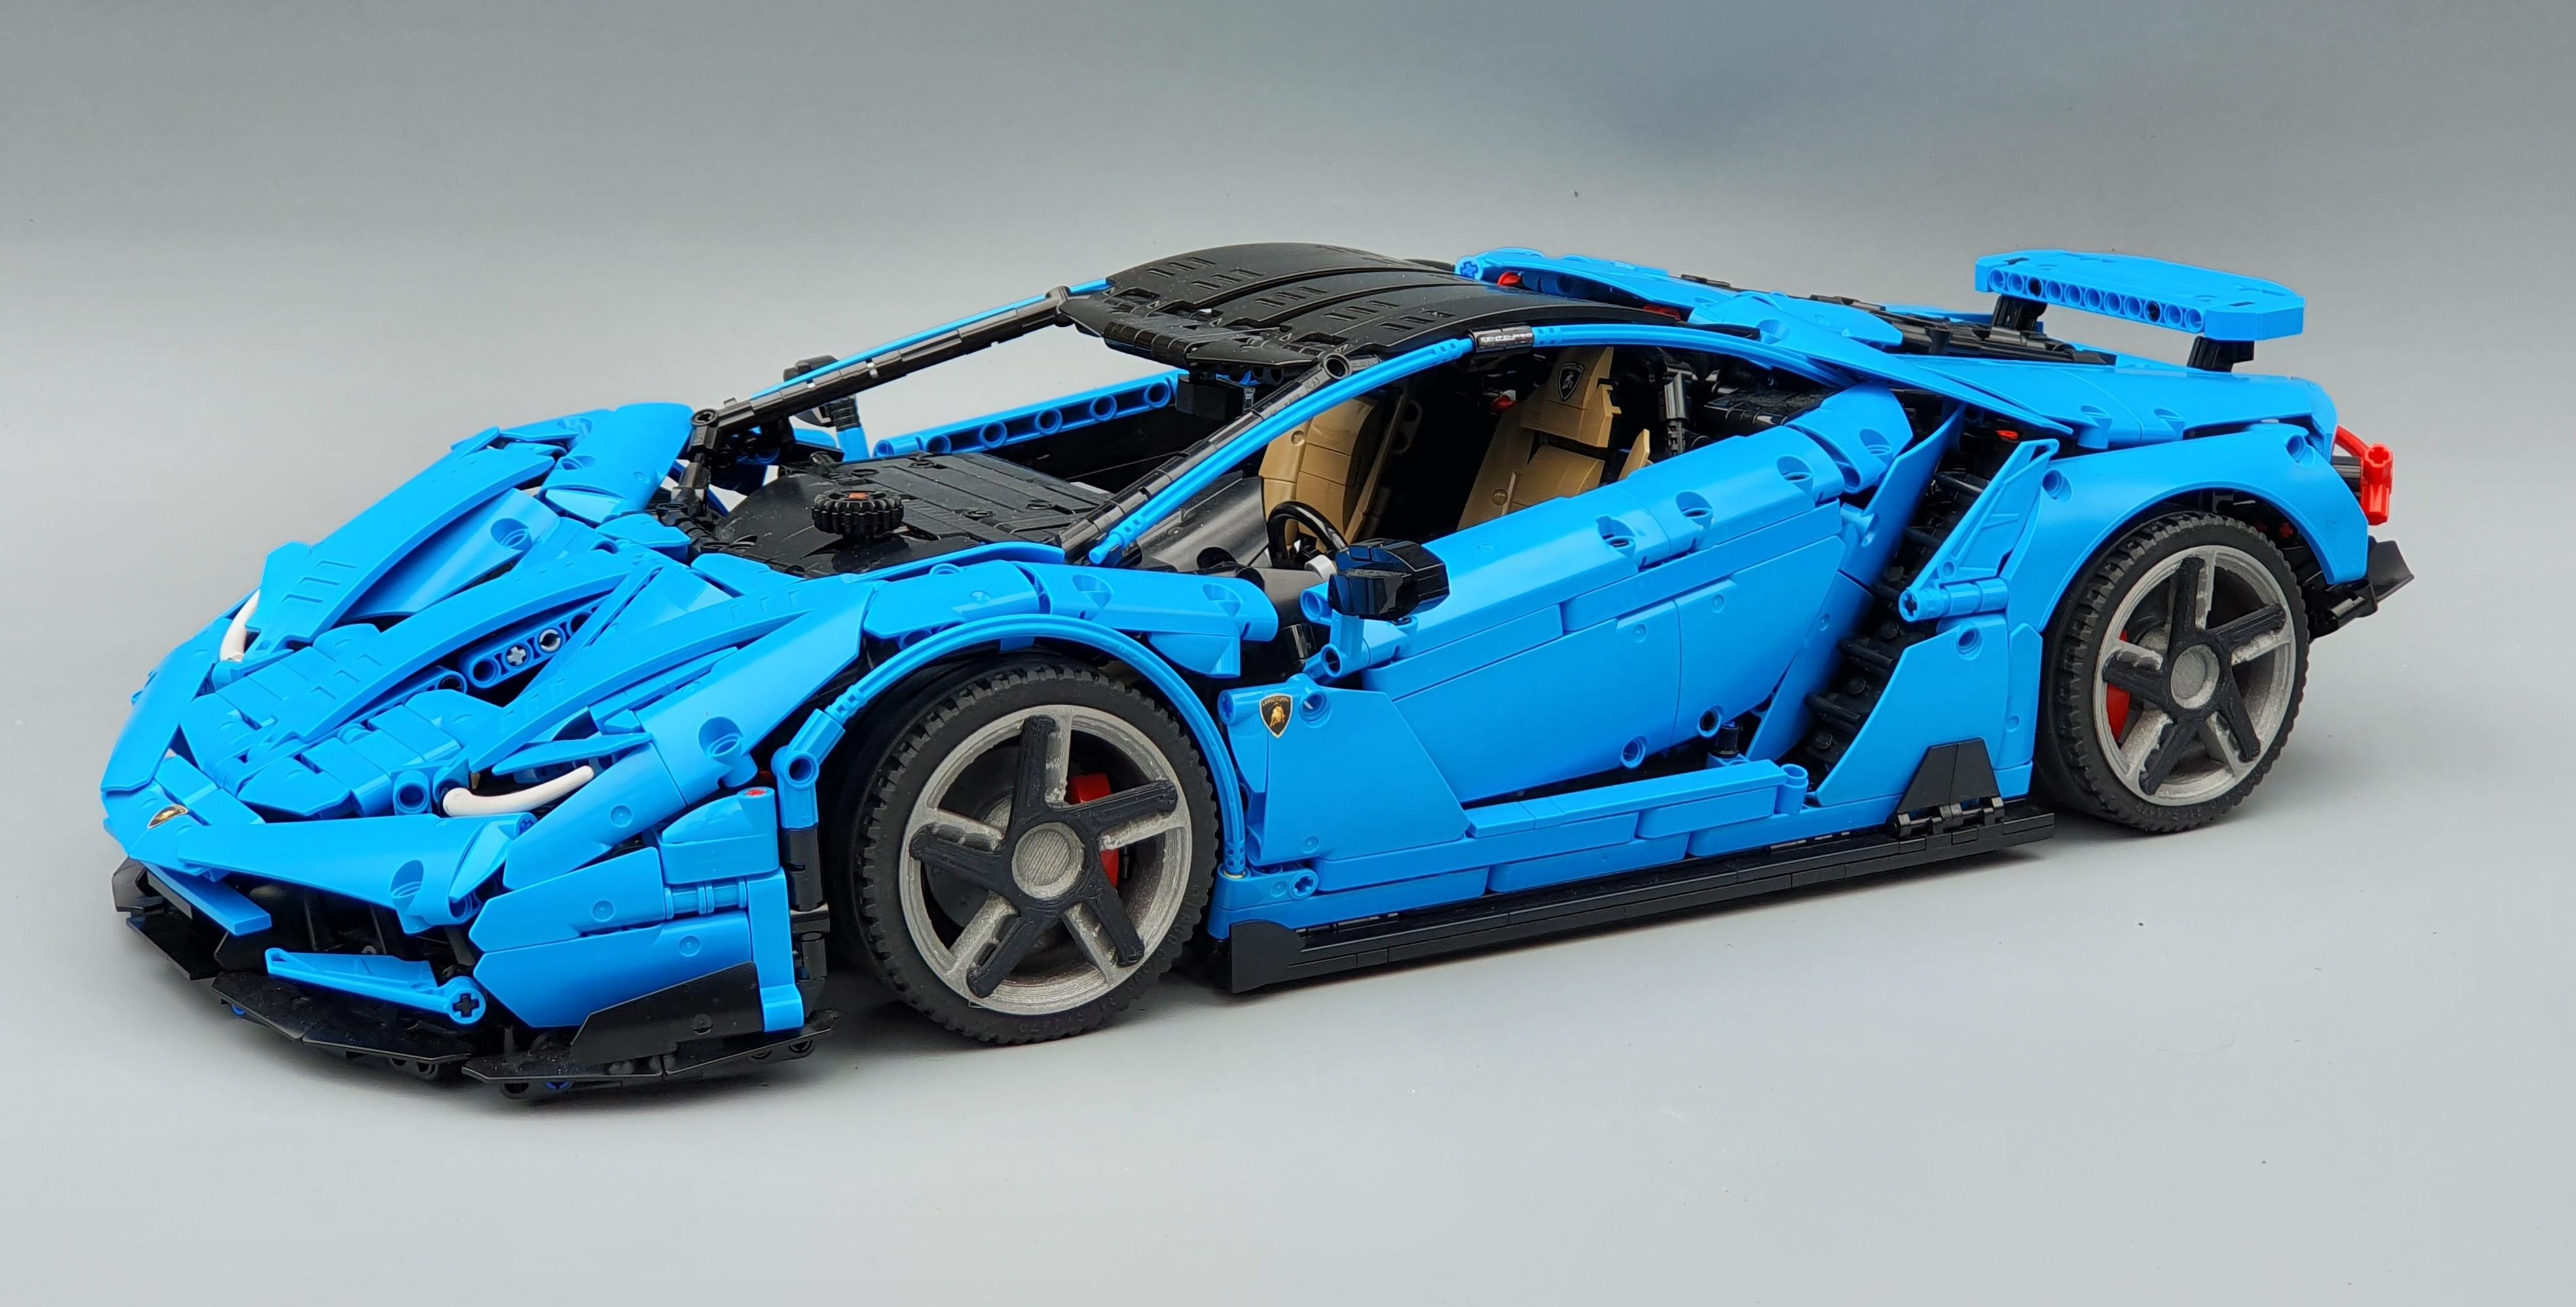 LEGO MOC Lamborghini Centenario 1:8 hypercar by T-Lego ...